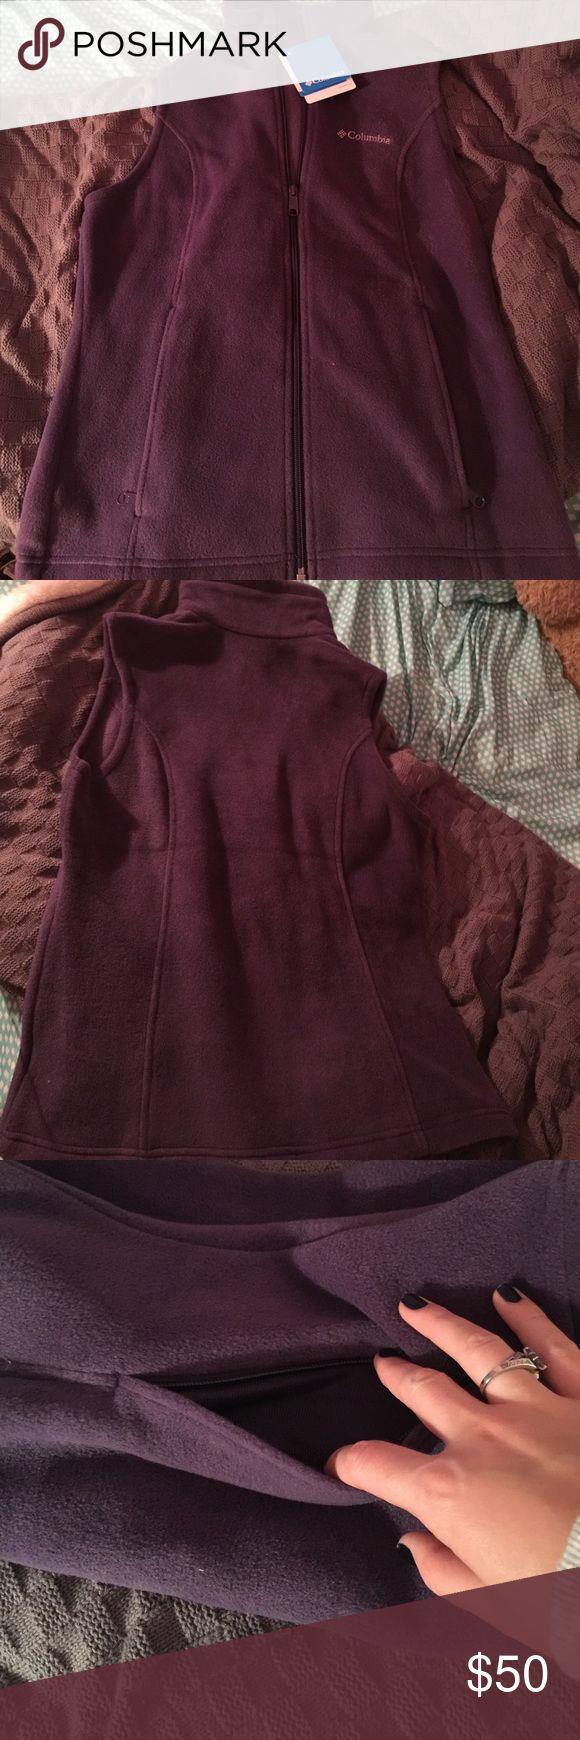 💁🏼Colombia Fleece Vest💁🏼 Brand New dark purple vest. Fleece and super soft. Never worn. Columbia Jackets & Coats Vests